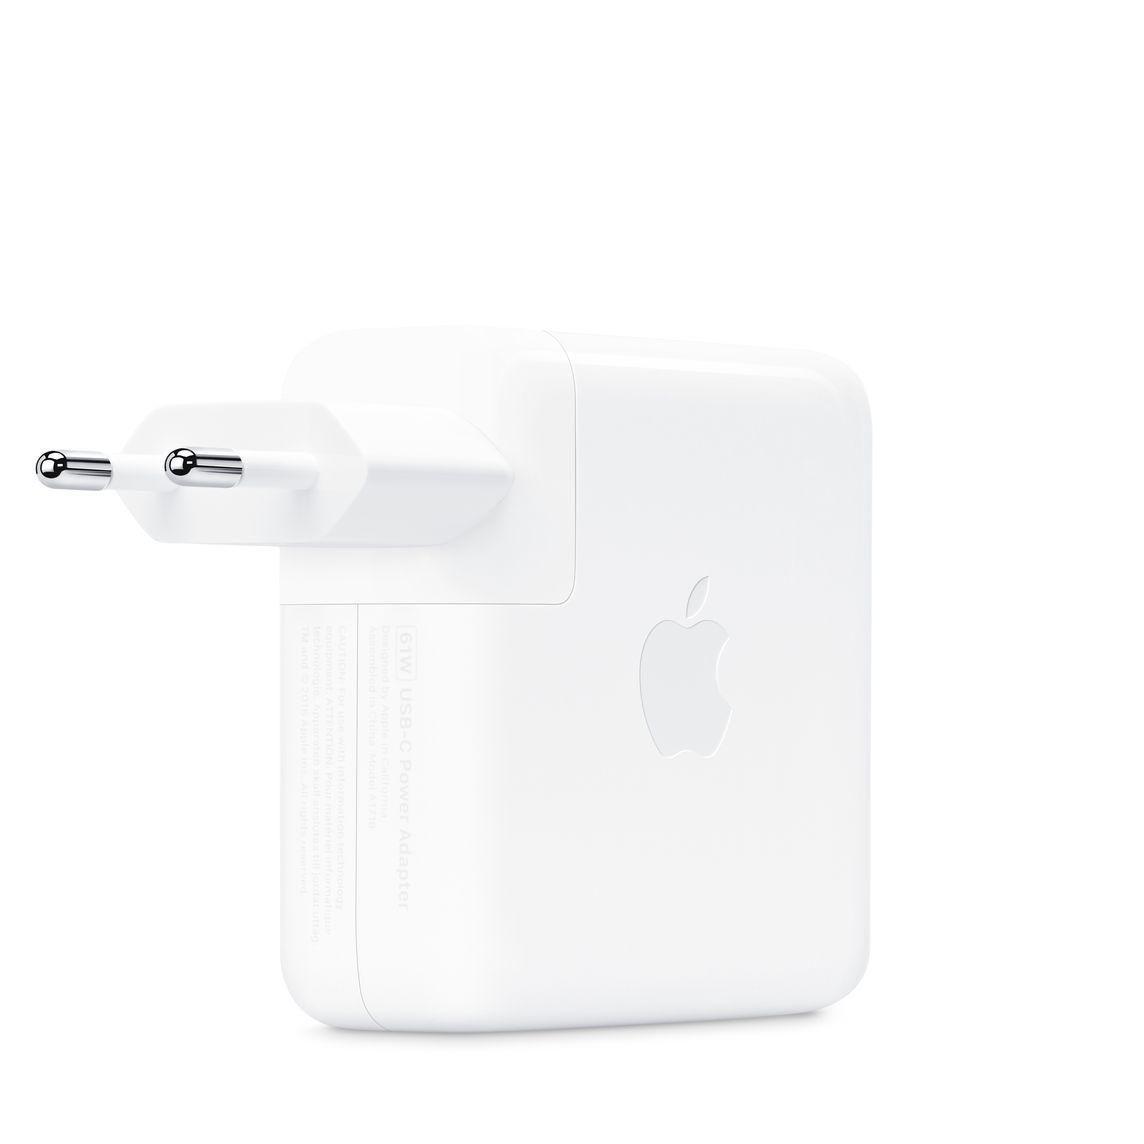 61 W USB C strömadapter